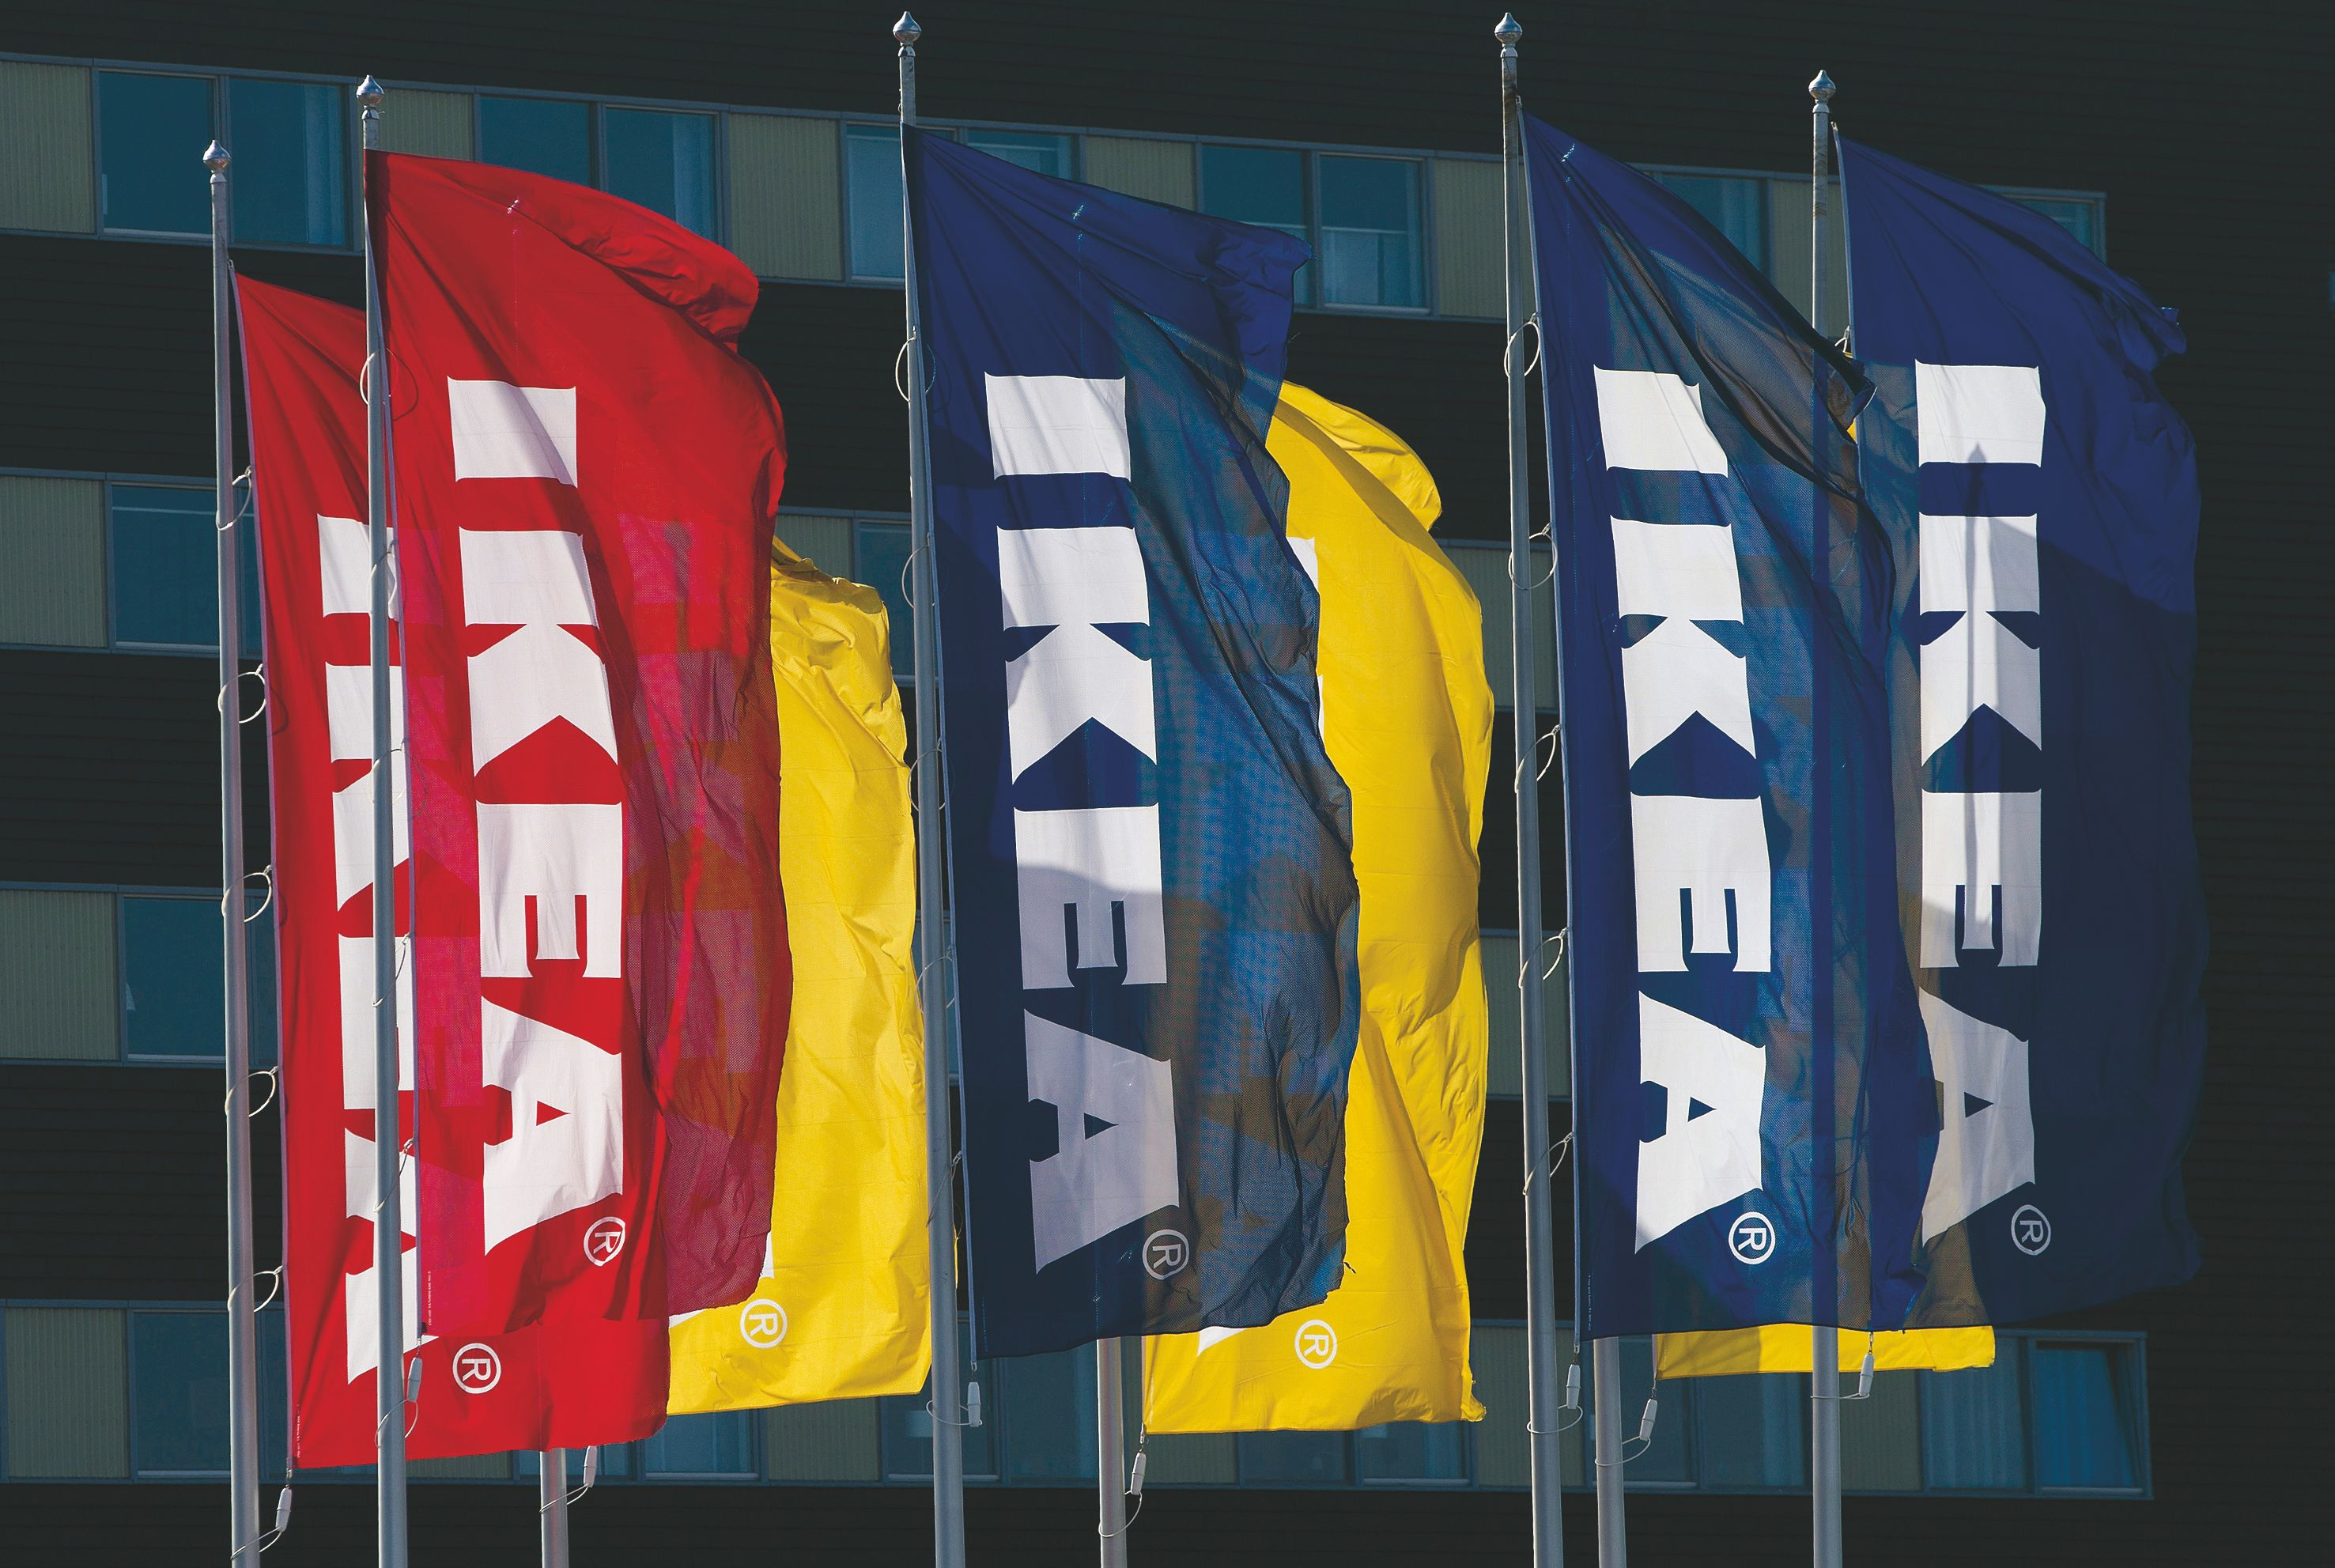 IKEA šiais metais prognozuoja 8–10% pasaulinių pardavimų augimą